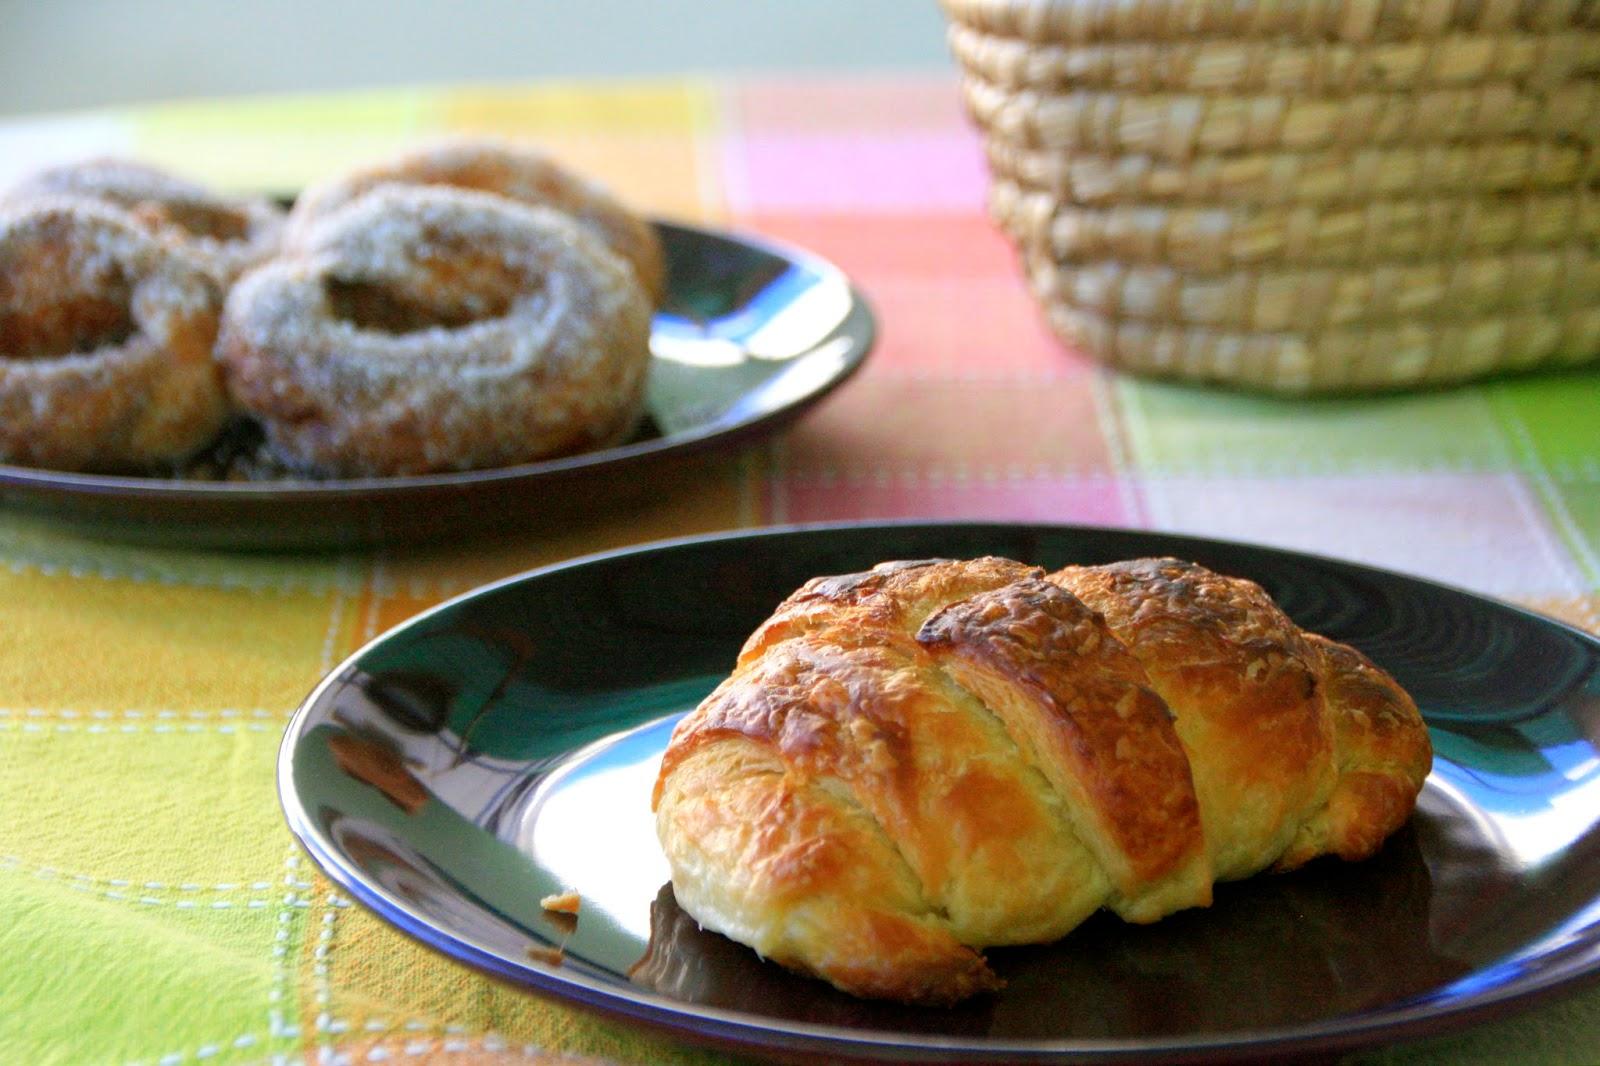 Recepta de cronut i croissant